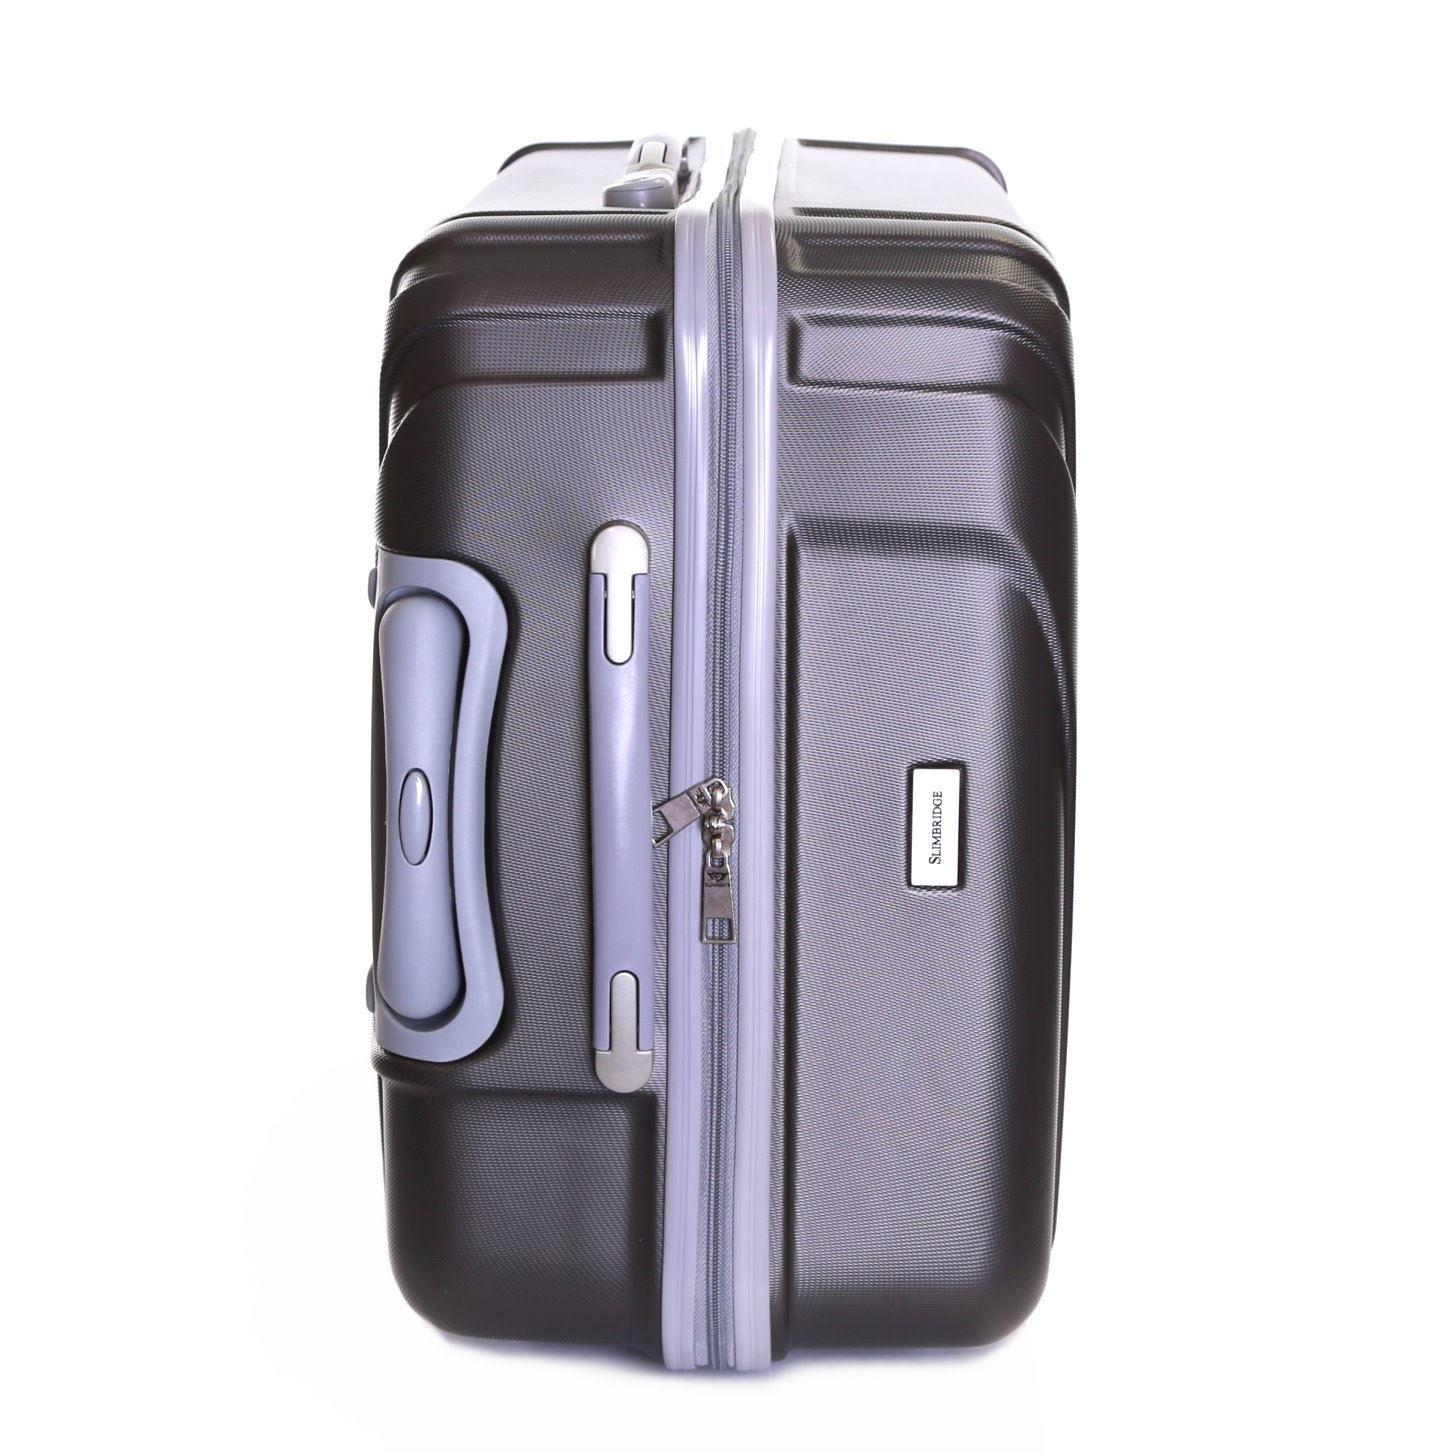 Slimbridge Fusion Valise Rigide Grande Taille XL Bagage 76 cm 4,5 kg 100 litre 4 roulettes Prune